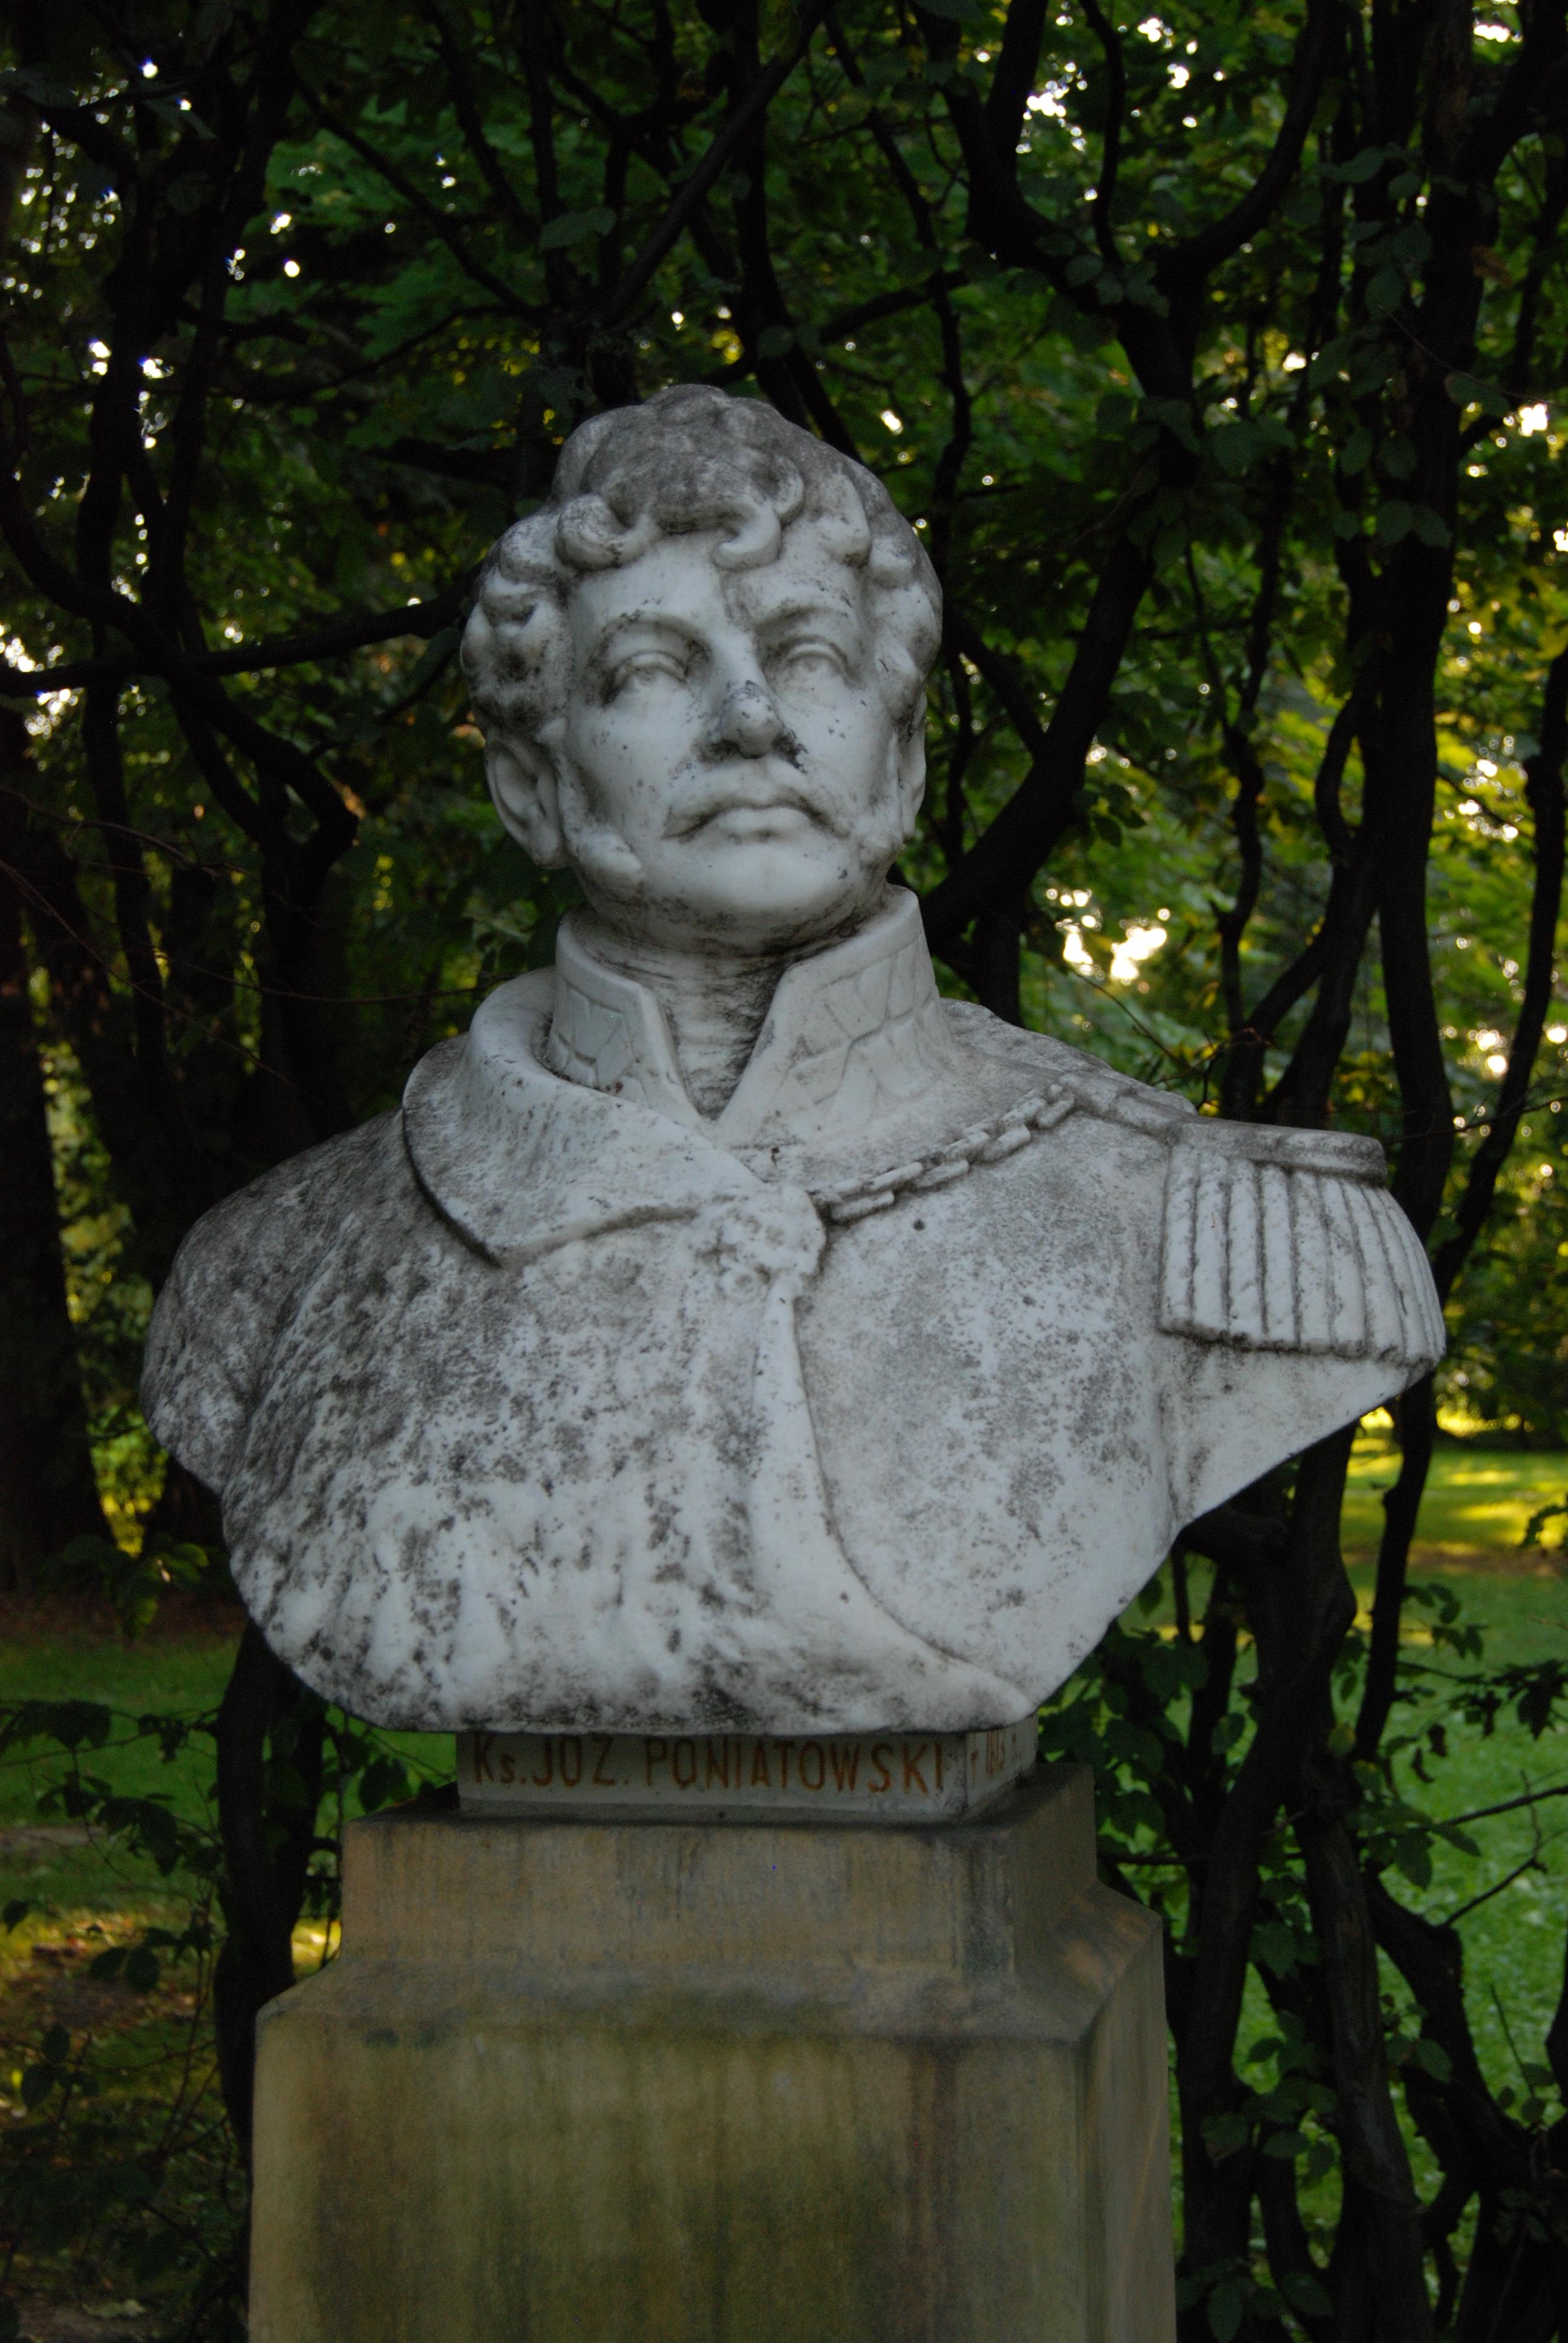 Ksiaze Jozef Poniatowski Pomnik File:jozef Poniatowski Pomnik